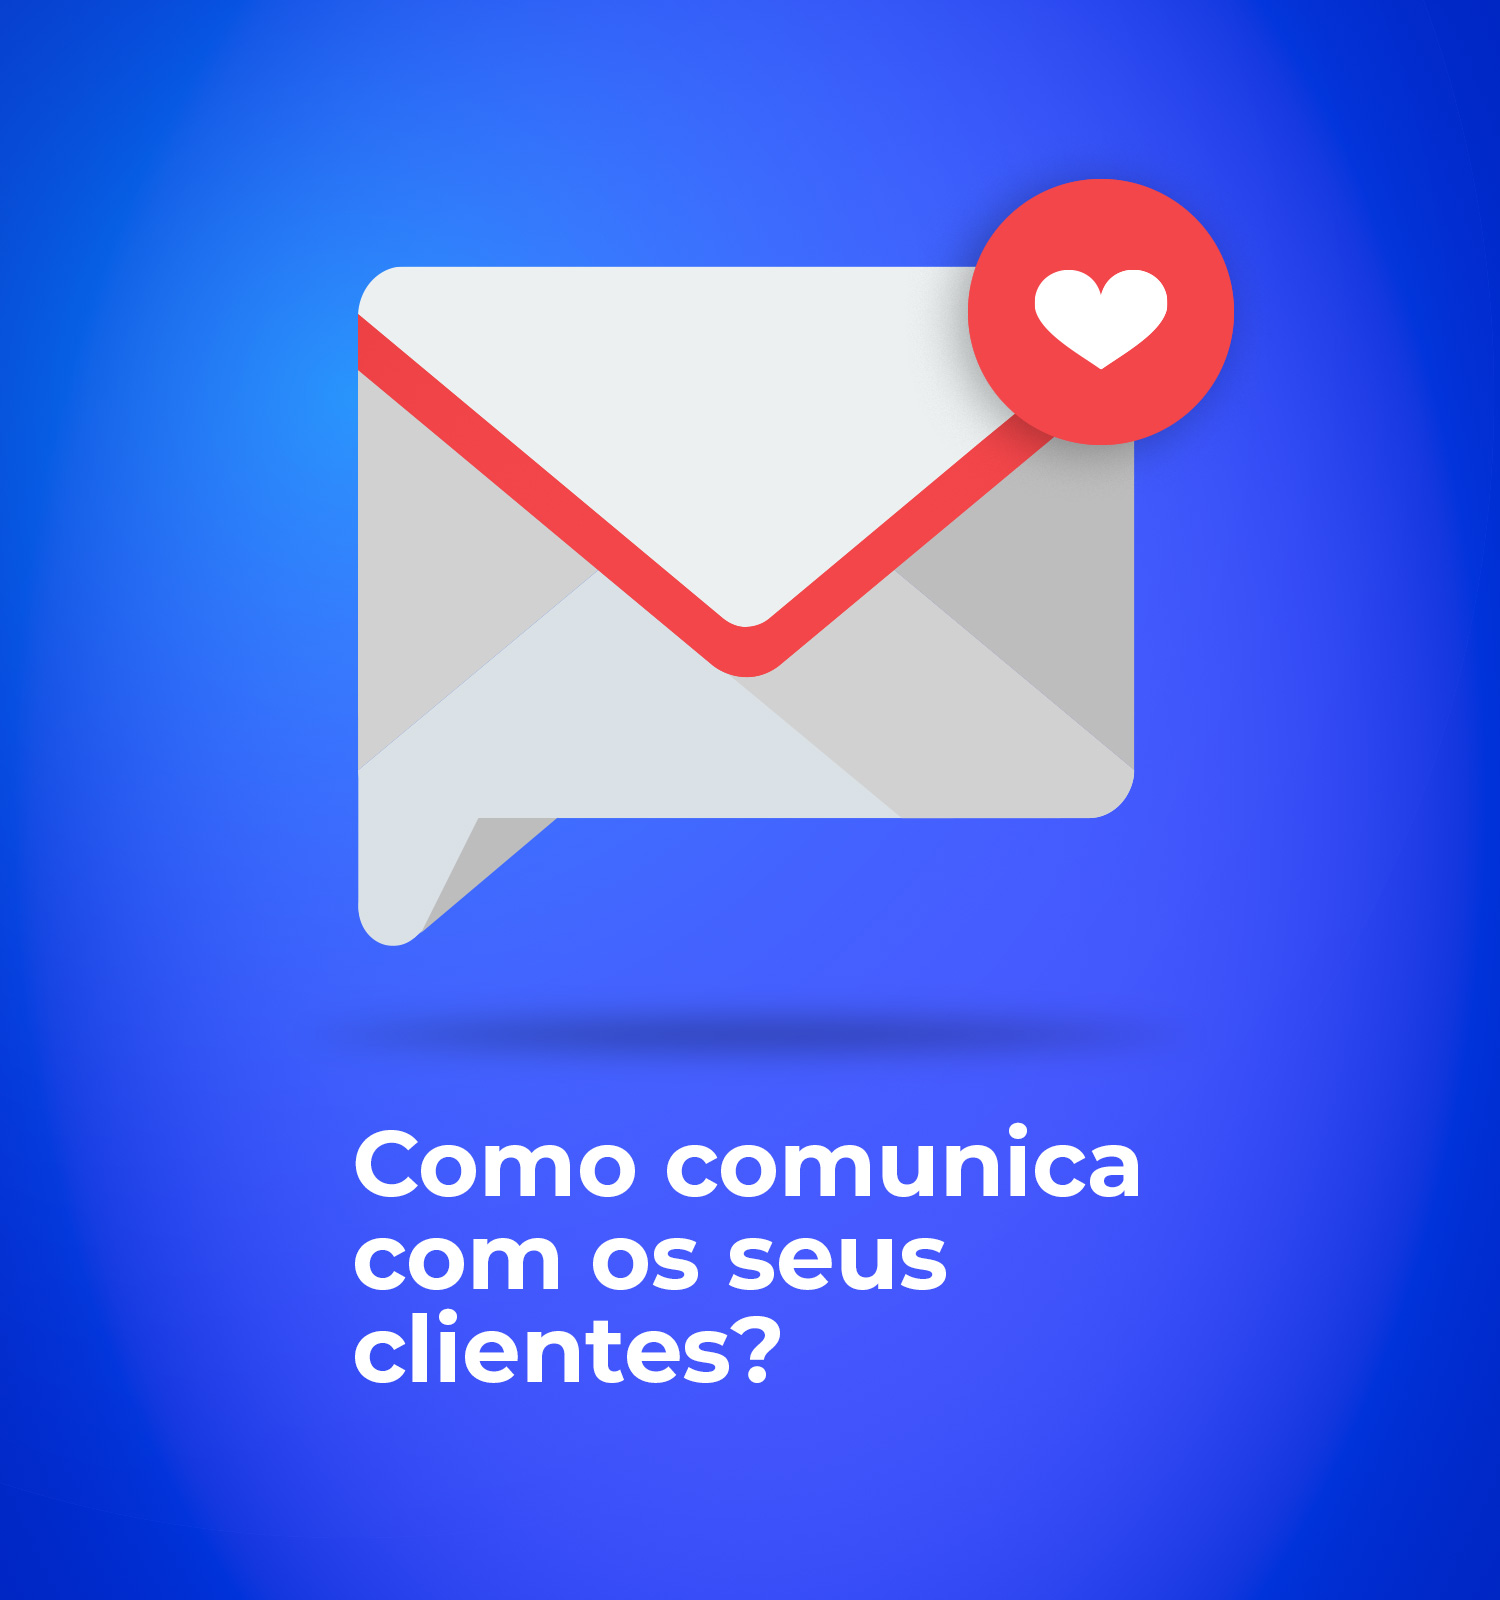 Como comunica com os seus clientes?